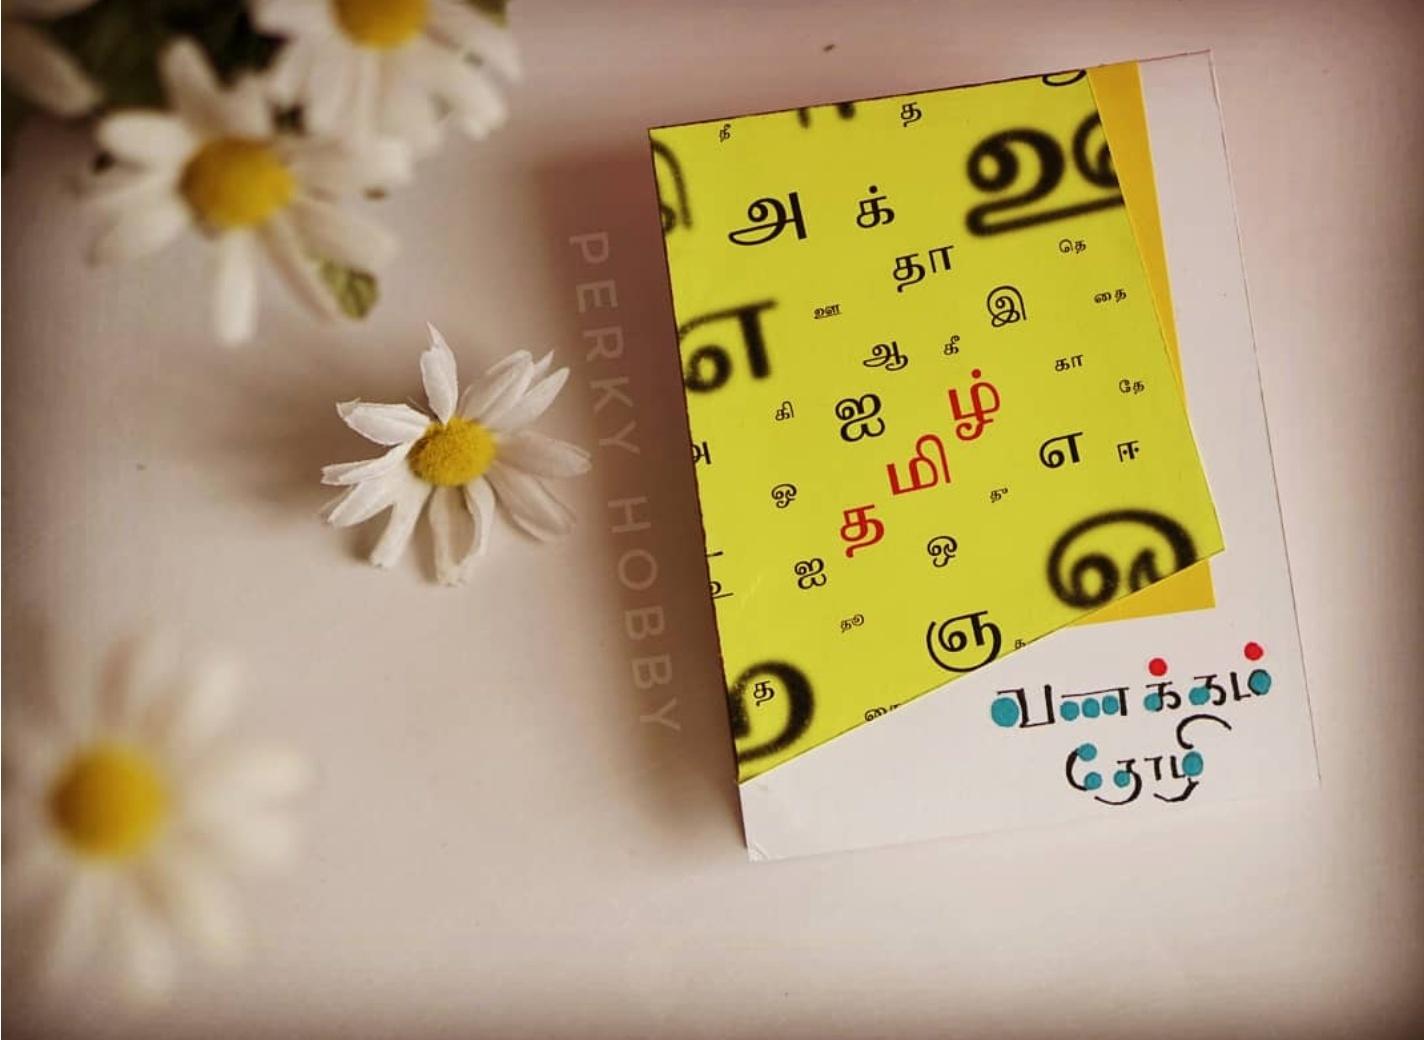 Perkyhobby Greetings In Tamil